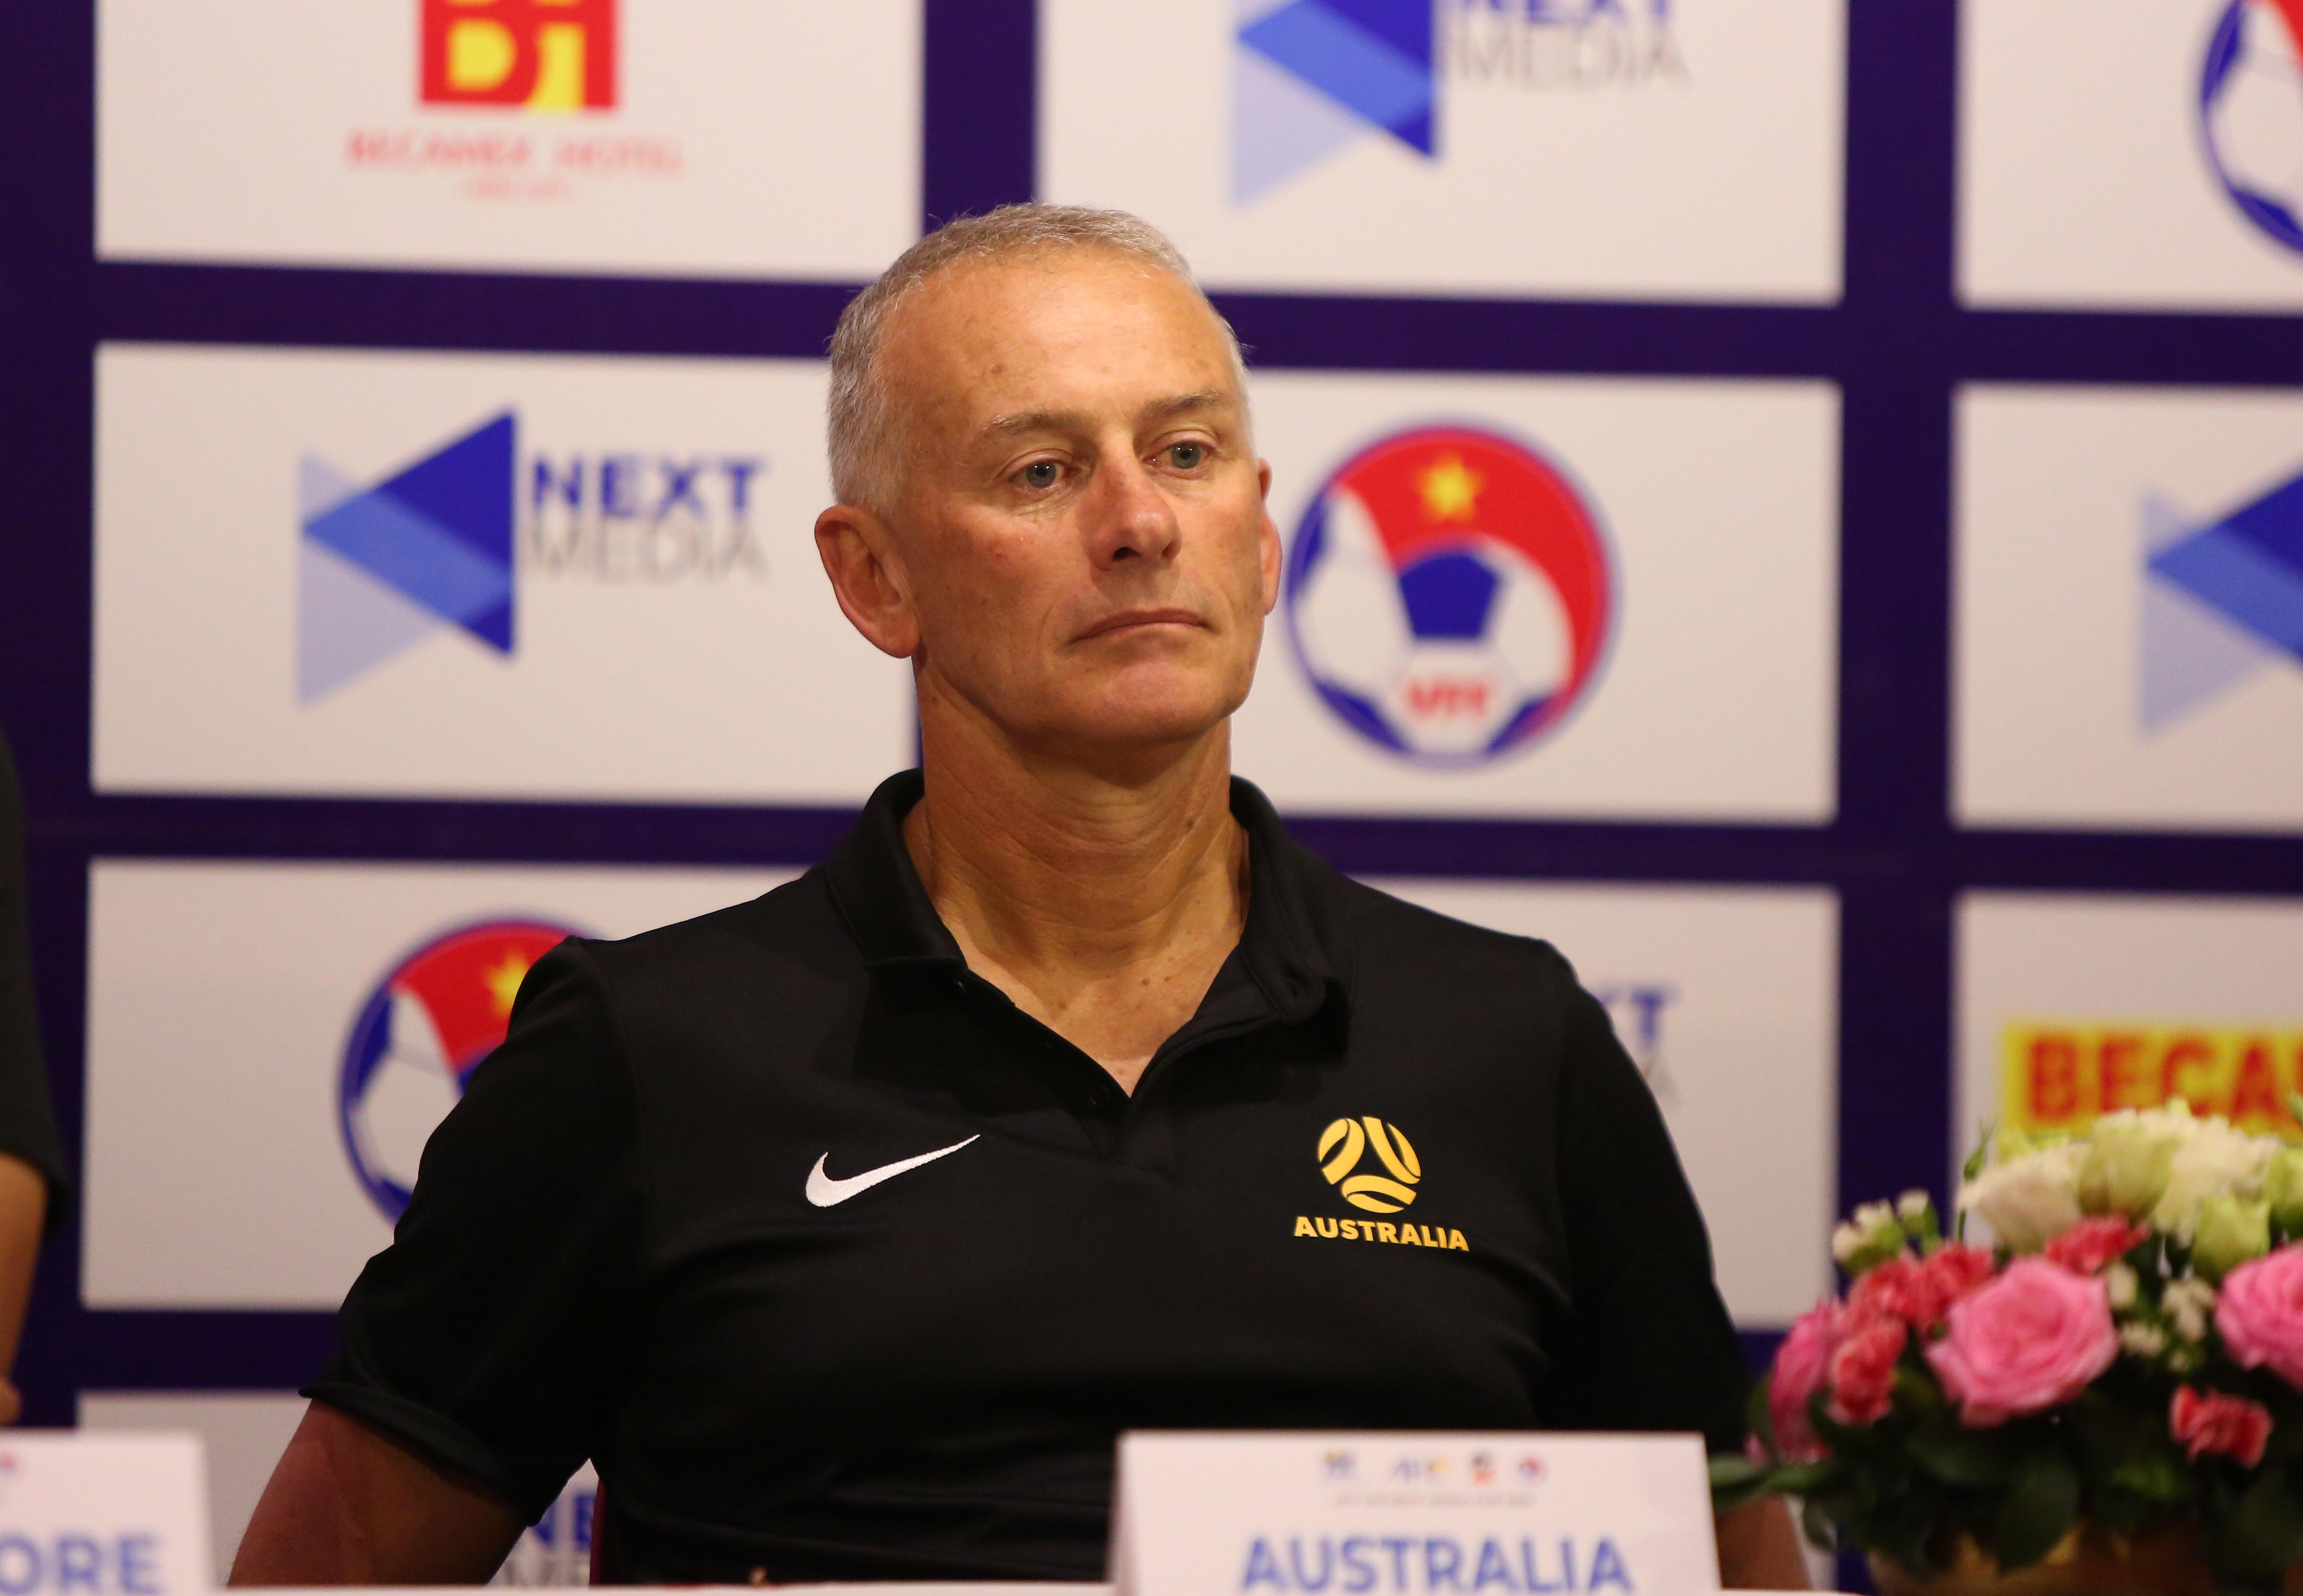 Đánh bại U18 Việt Nam 3-1, HLV Australia nói điều bất ngờ về học trò Hoàng Anh Tuấn - Bóng Đá